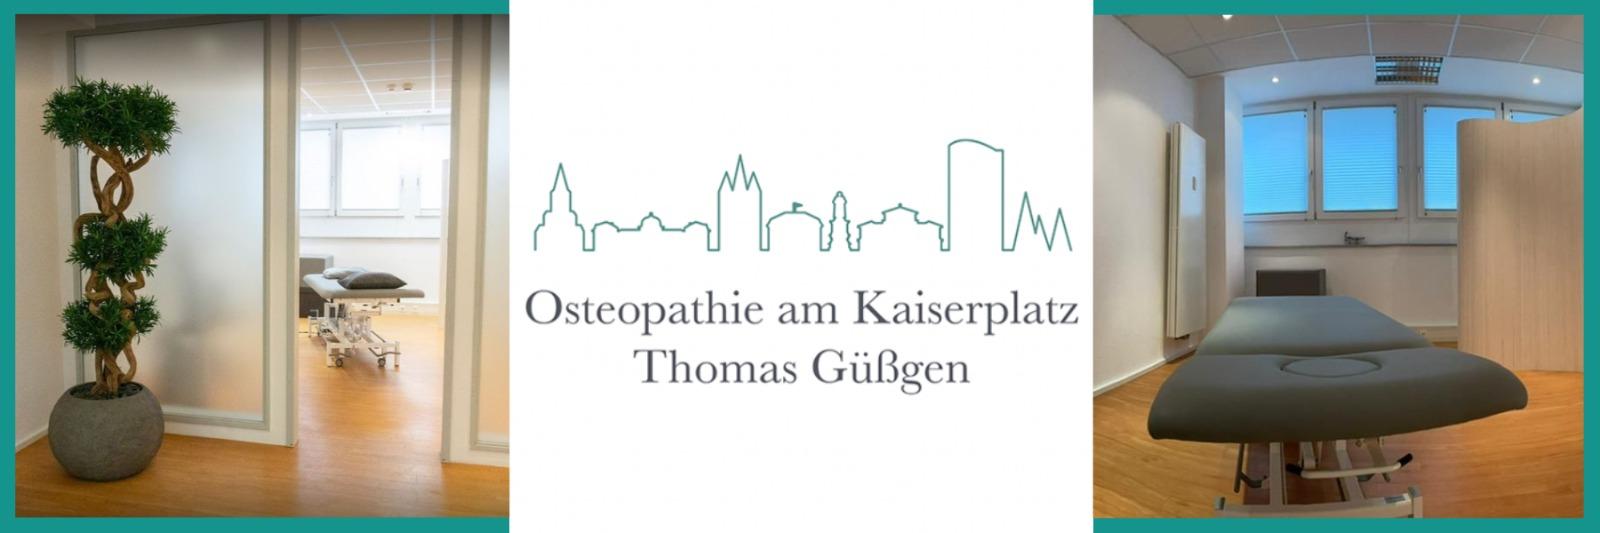 Praxisräume - Osteopathie am Kaiserplatz - Thomas Güßgen